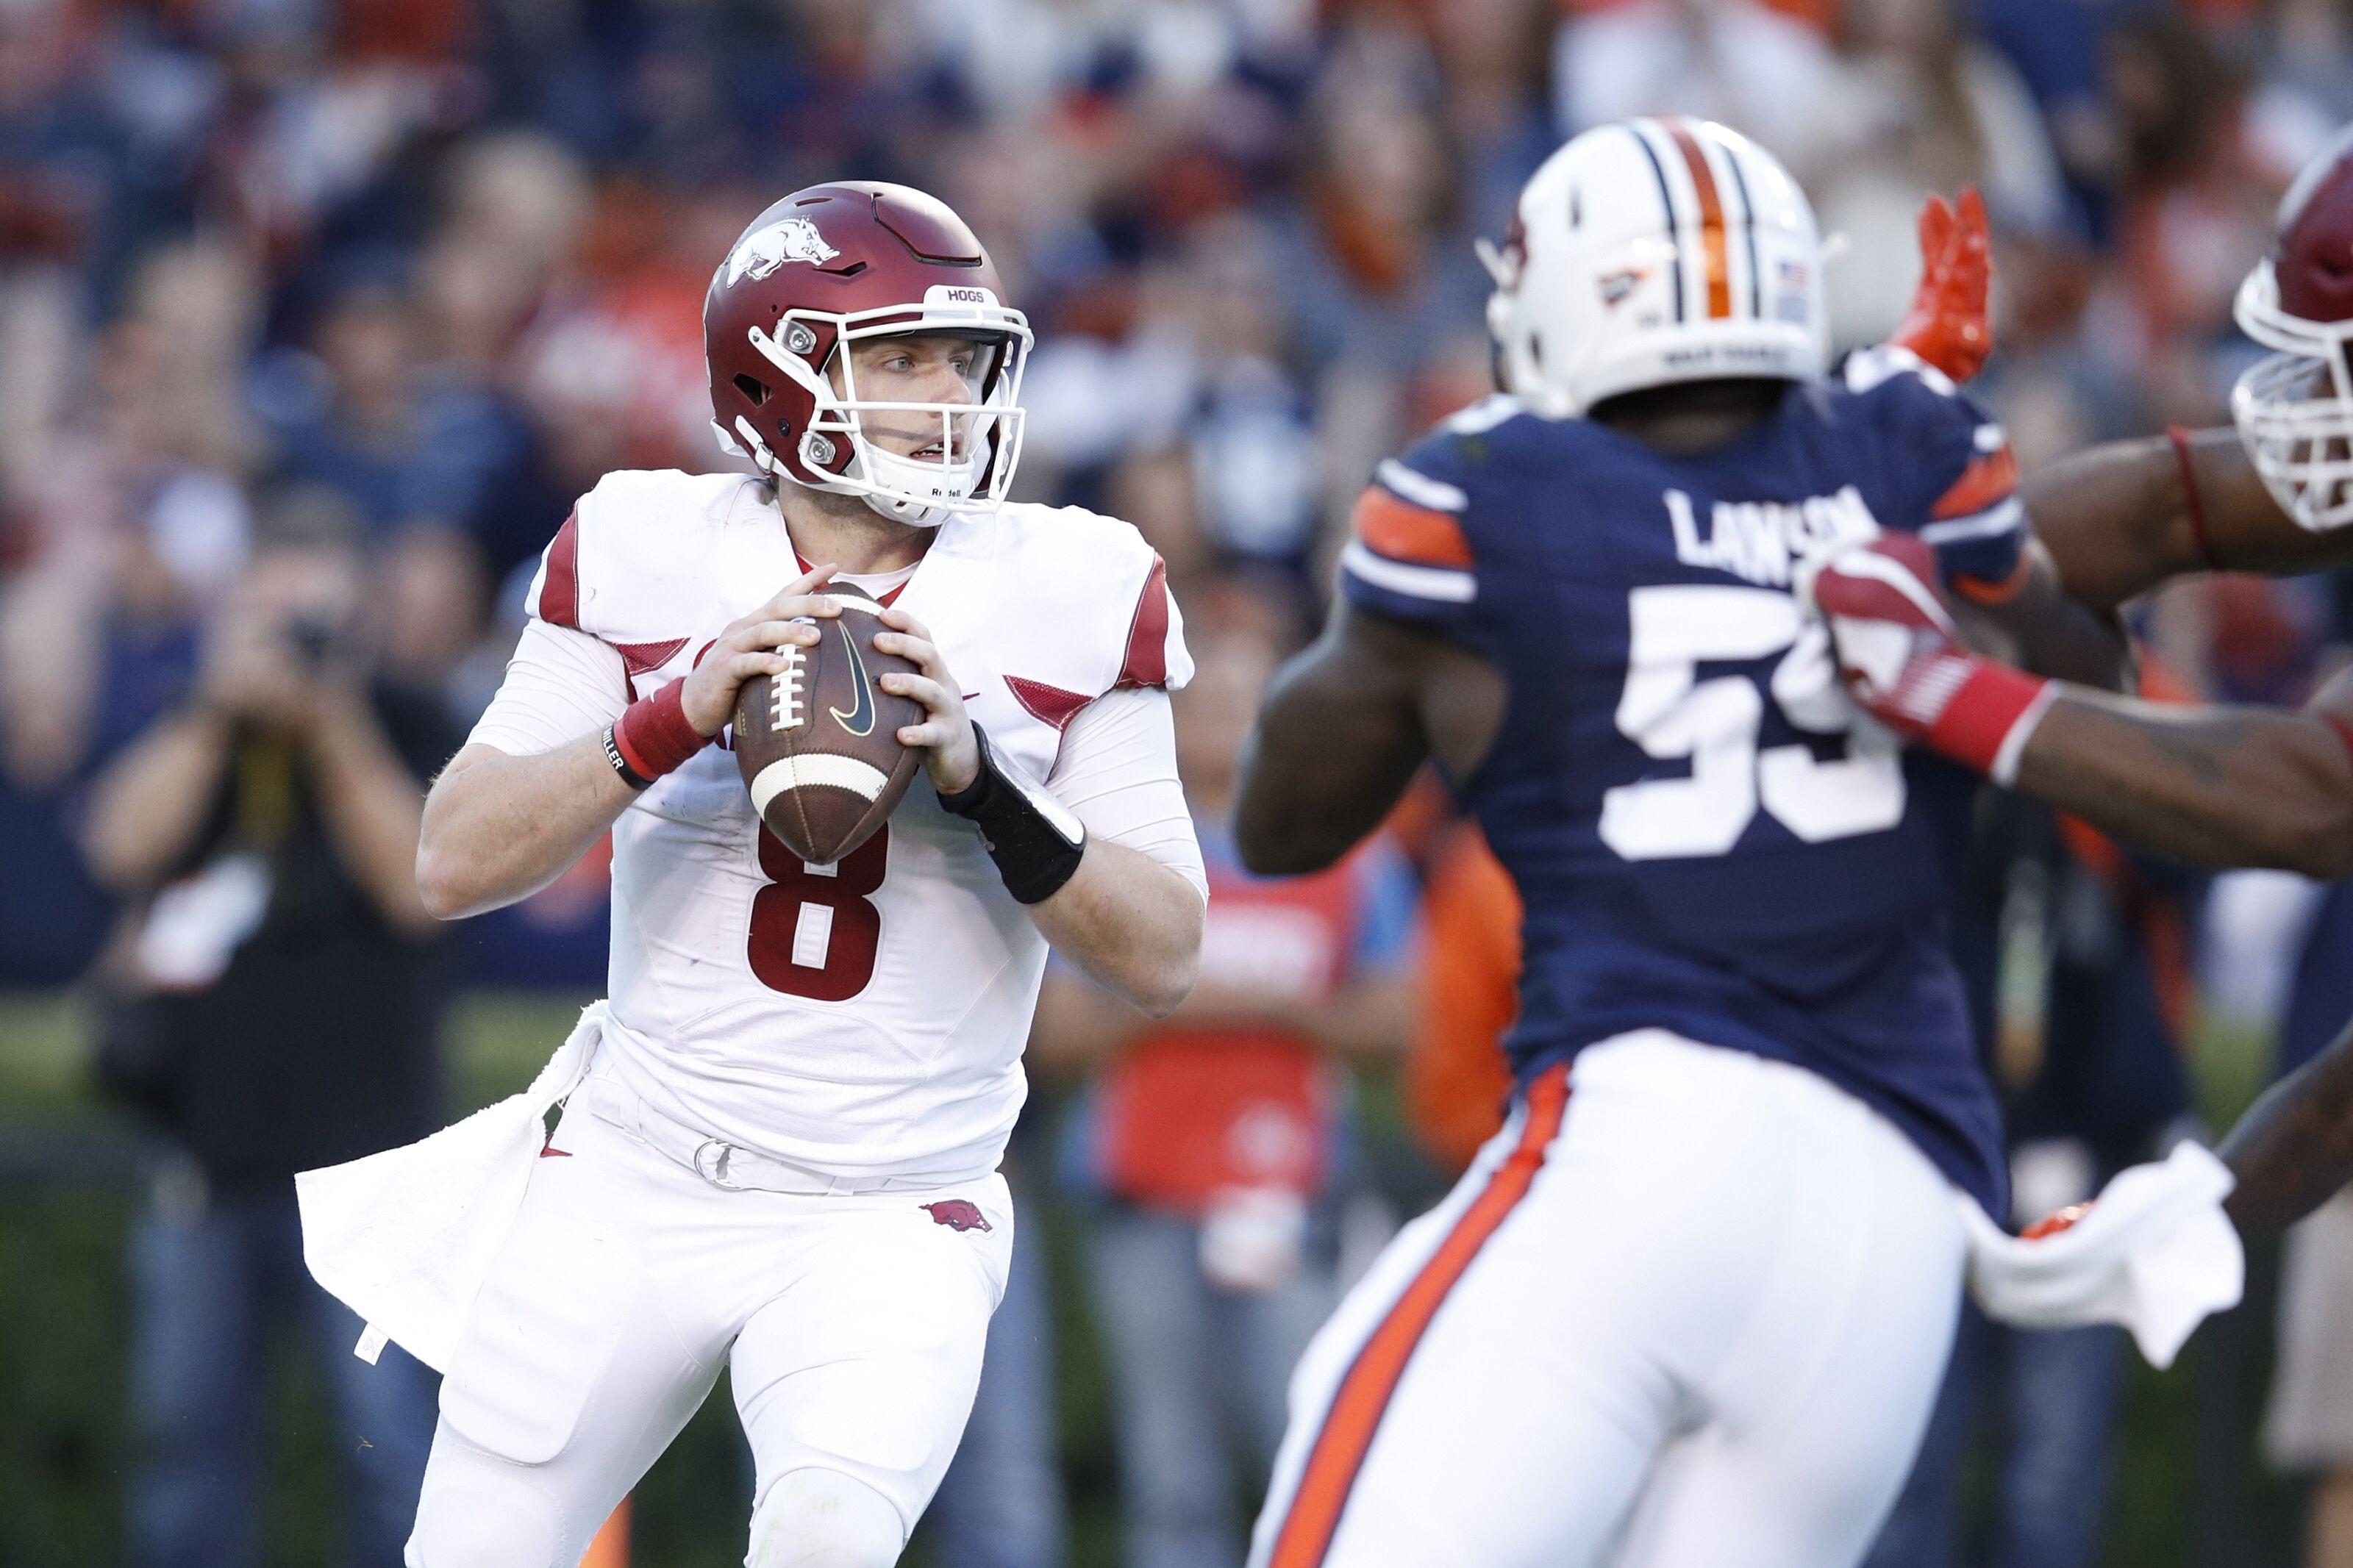 Arkansas vs. Auburn Football: Game time, TV Channel, Odds